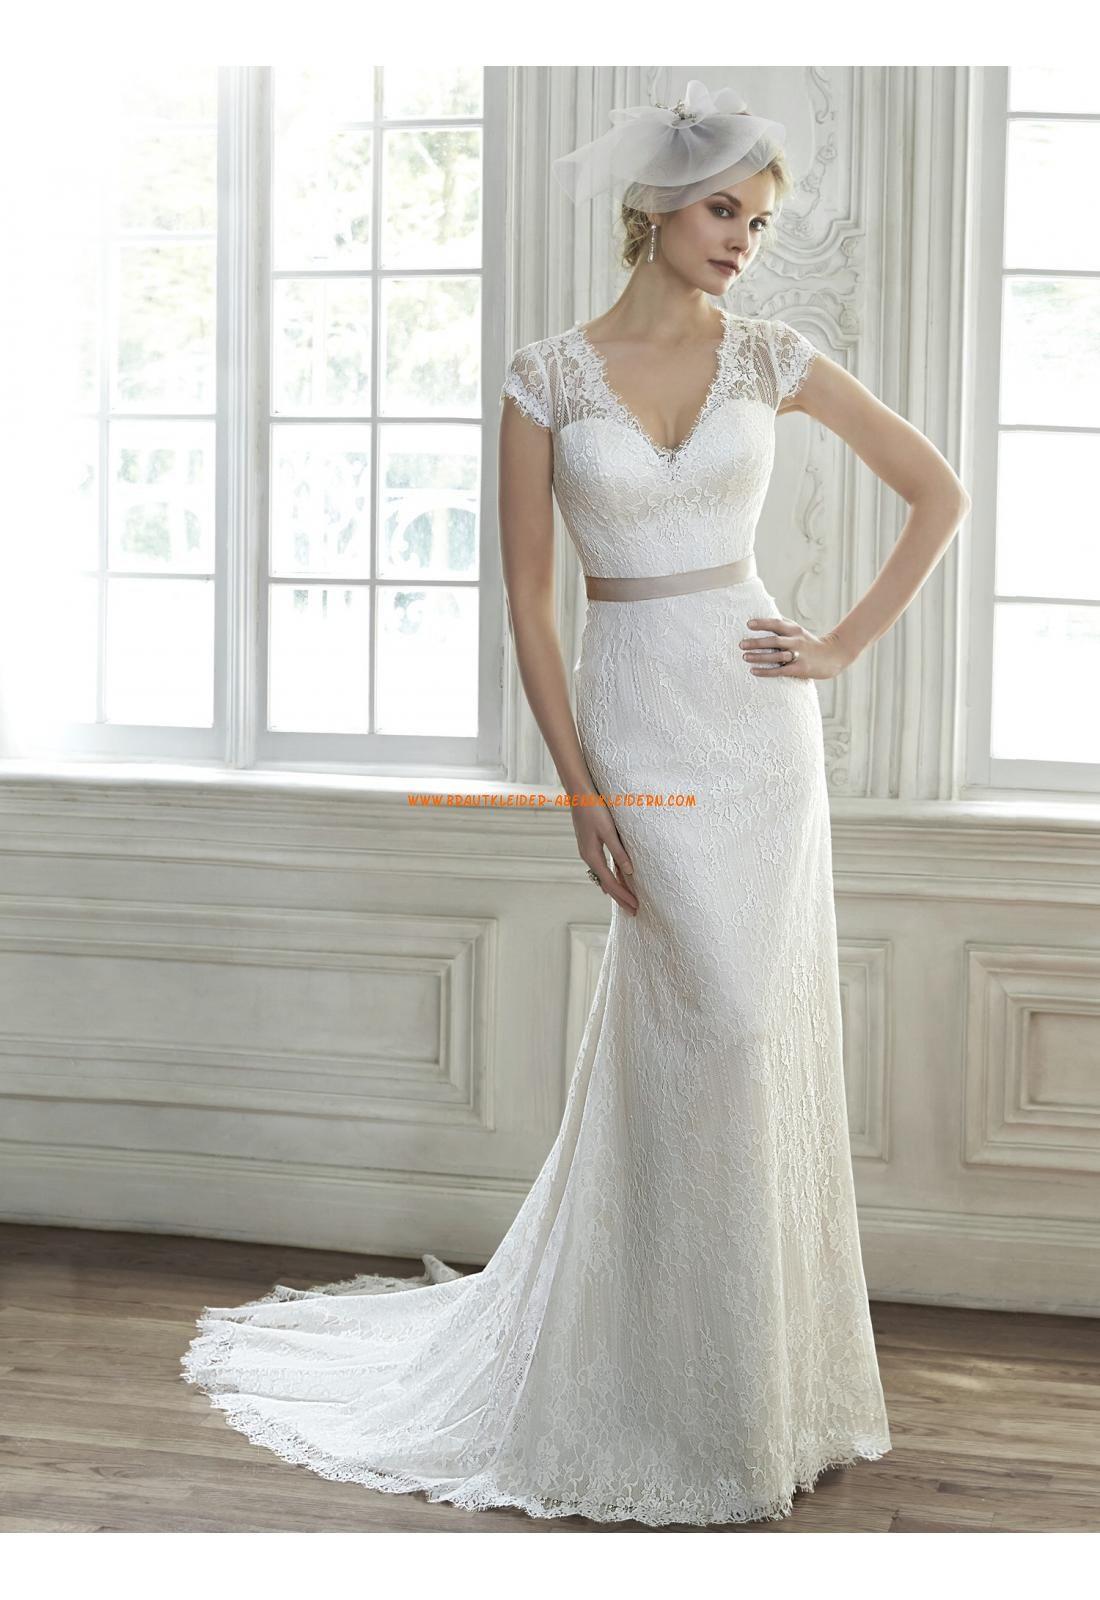 Meerjungfrau V-ausschnitt Traumhafte Brautkleider aus Spitze mit ...